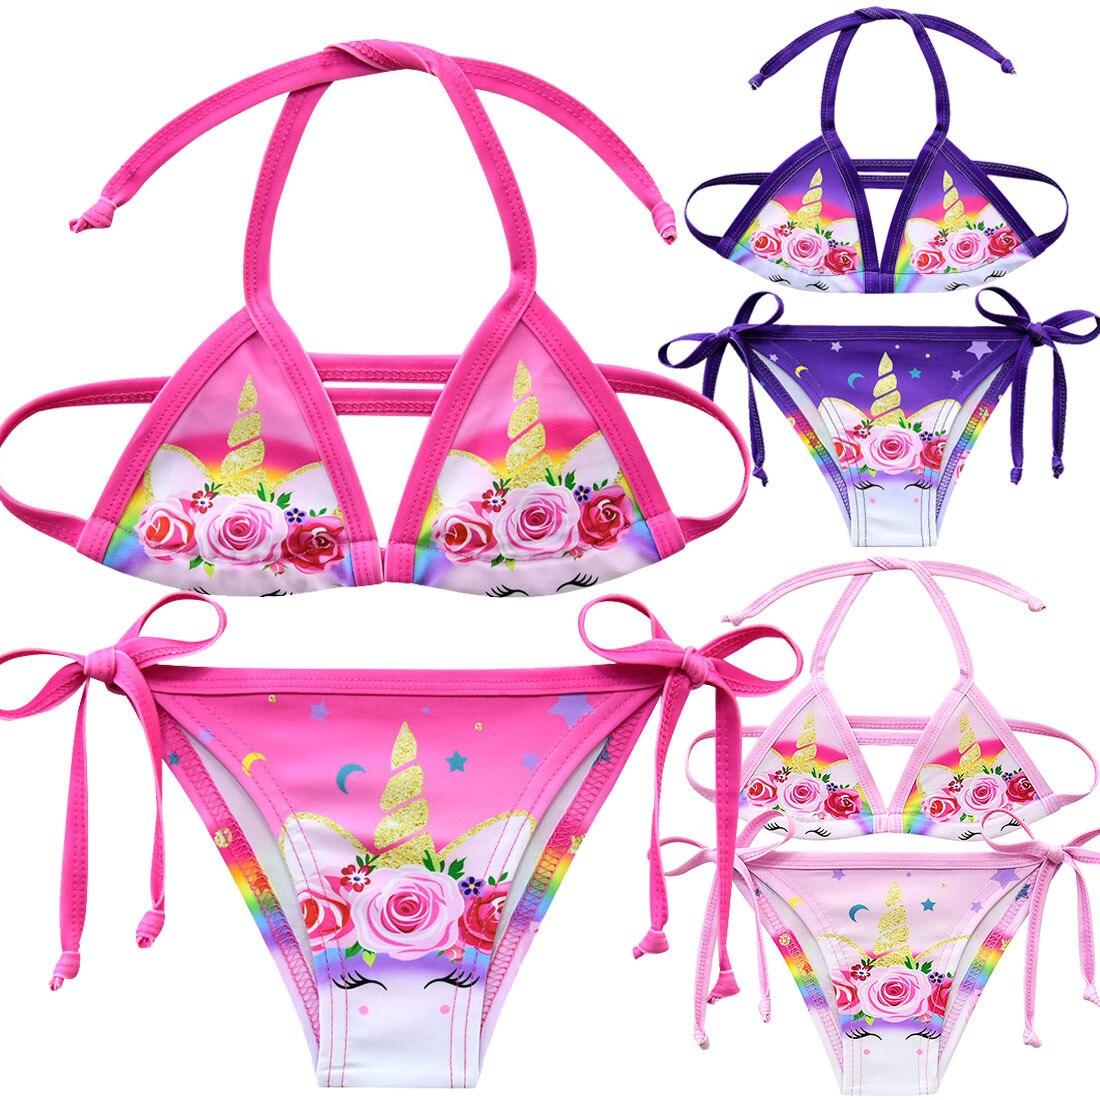 Traje de baño de 2 piezas para niñas, Bikini de dibujos animados de unicornio, traje de baño para niñas, Tankini, trajes de baño para niñas, Biquini